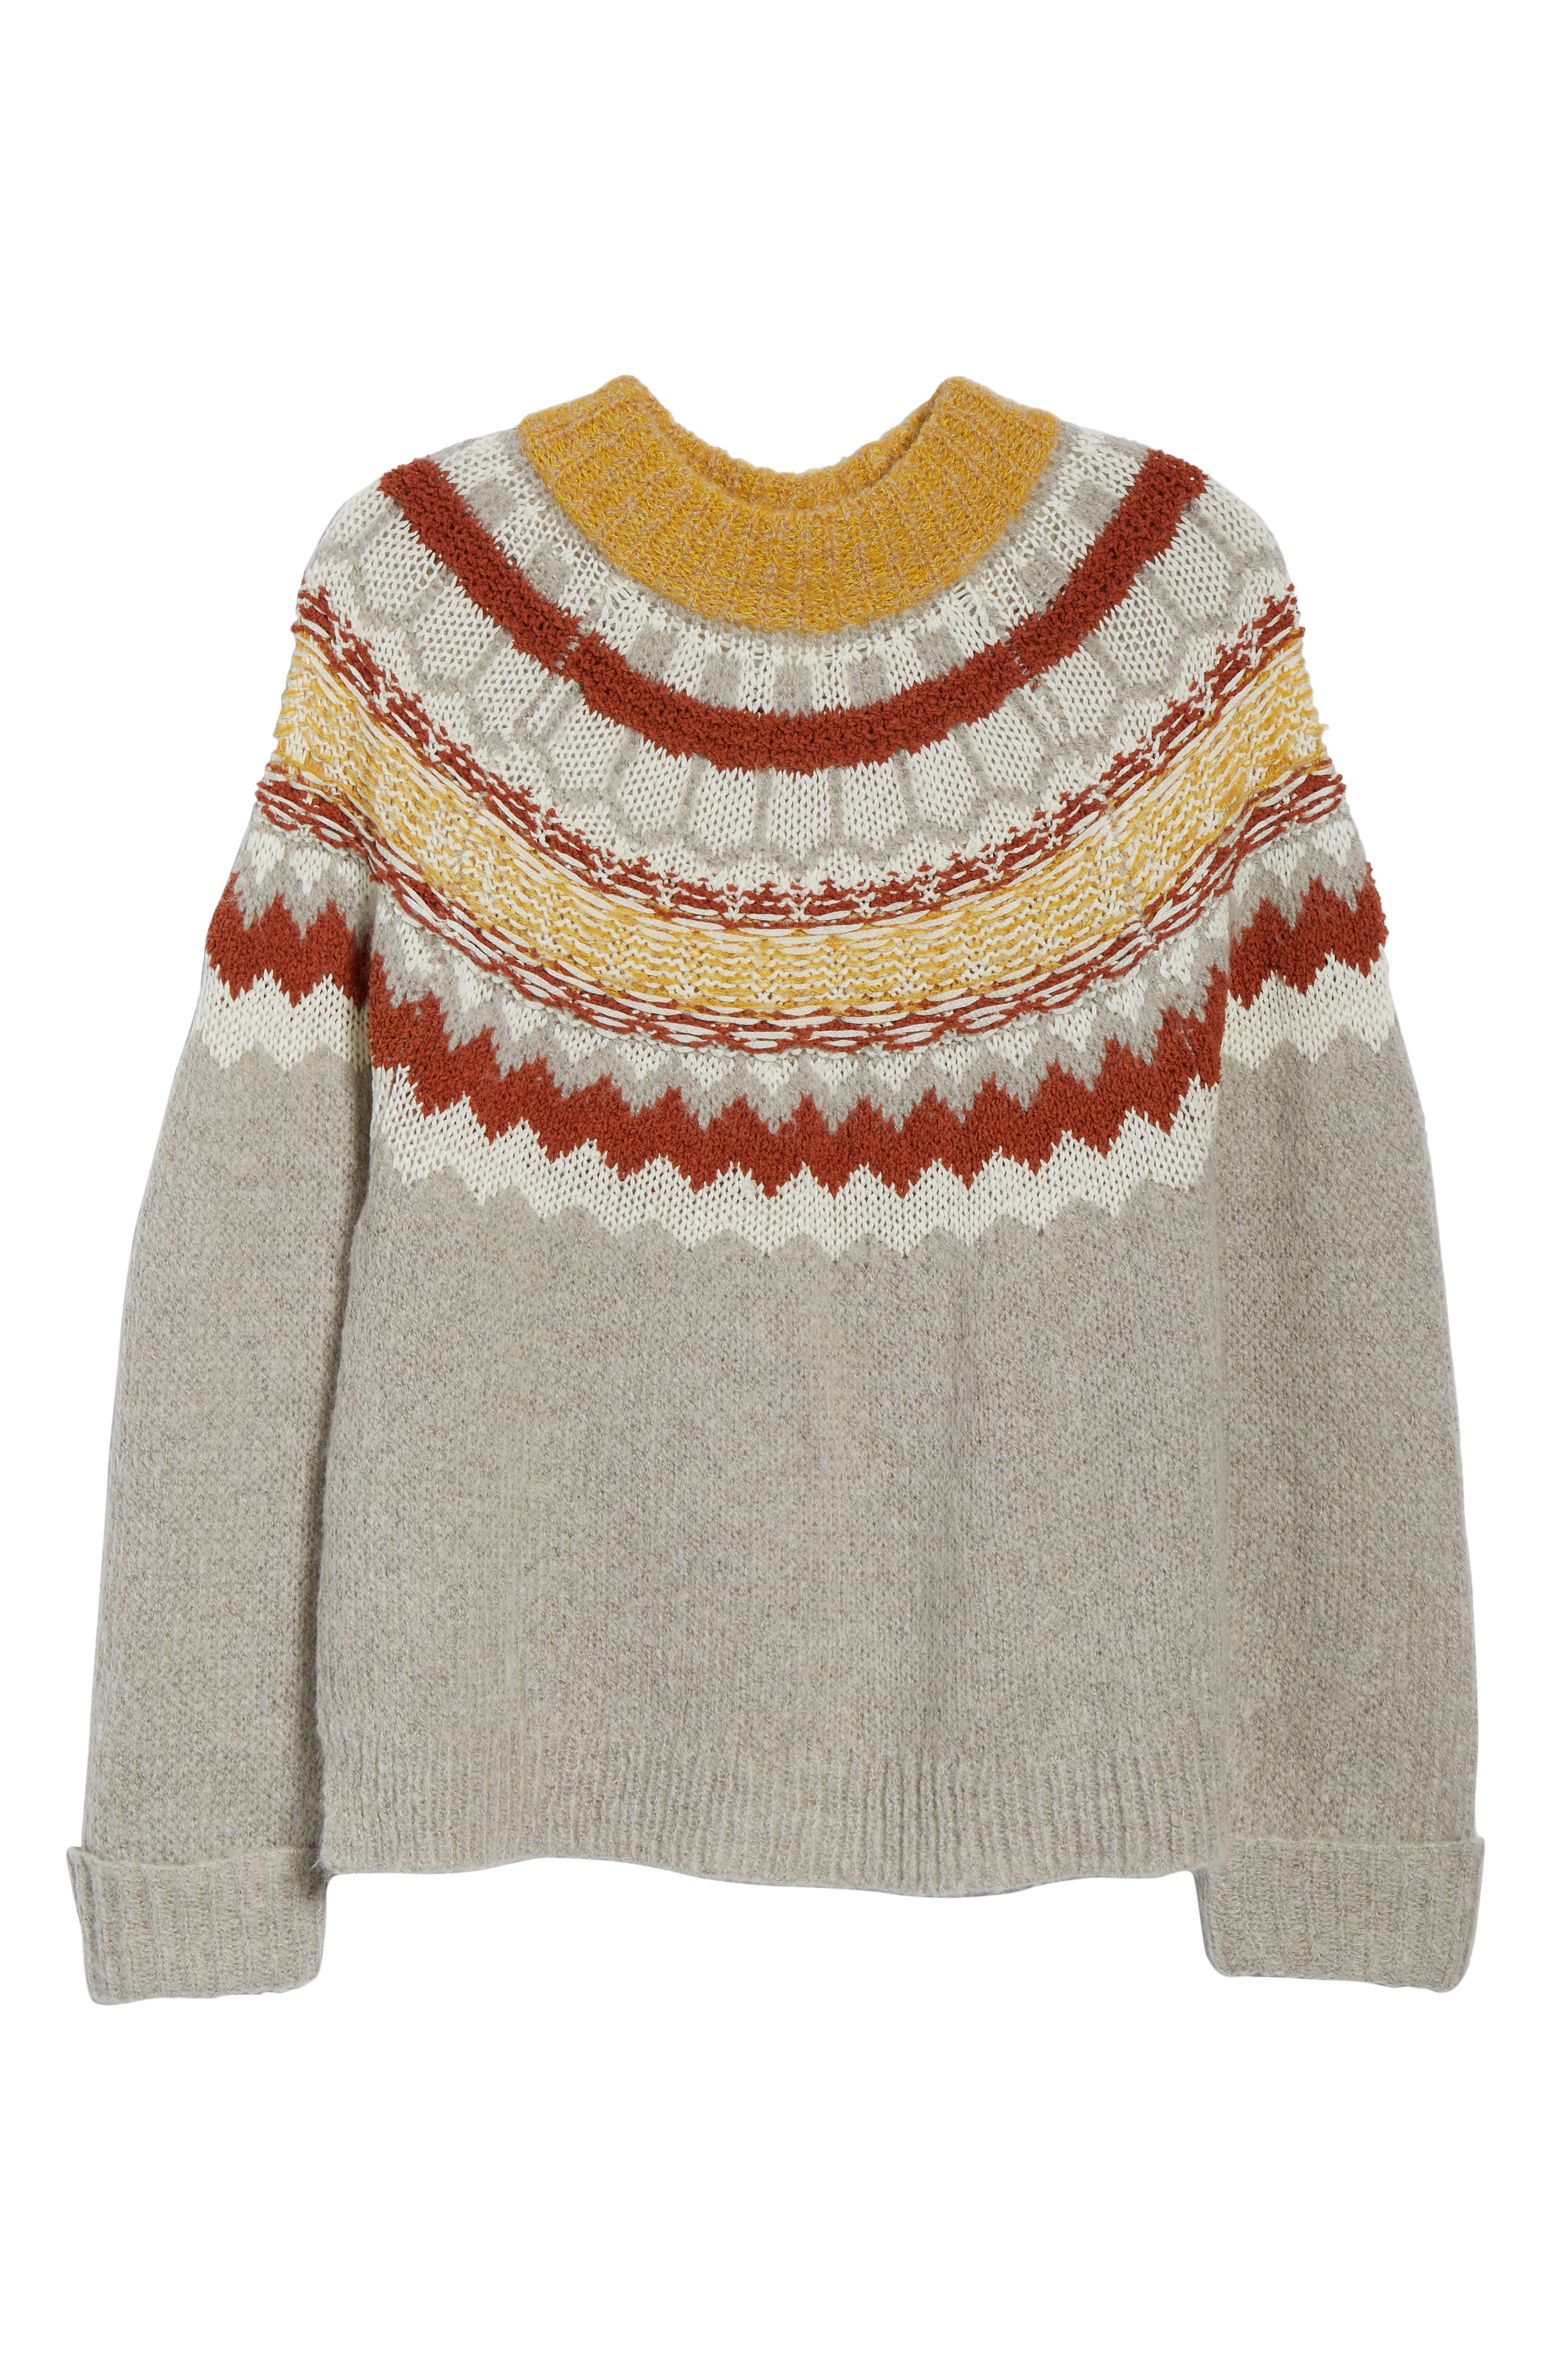 Chunky Jacquard Sweater,                             Alternate thumbnail 6, color,                             TAN FOLIAGE PATTERN